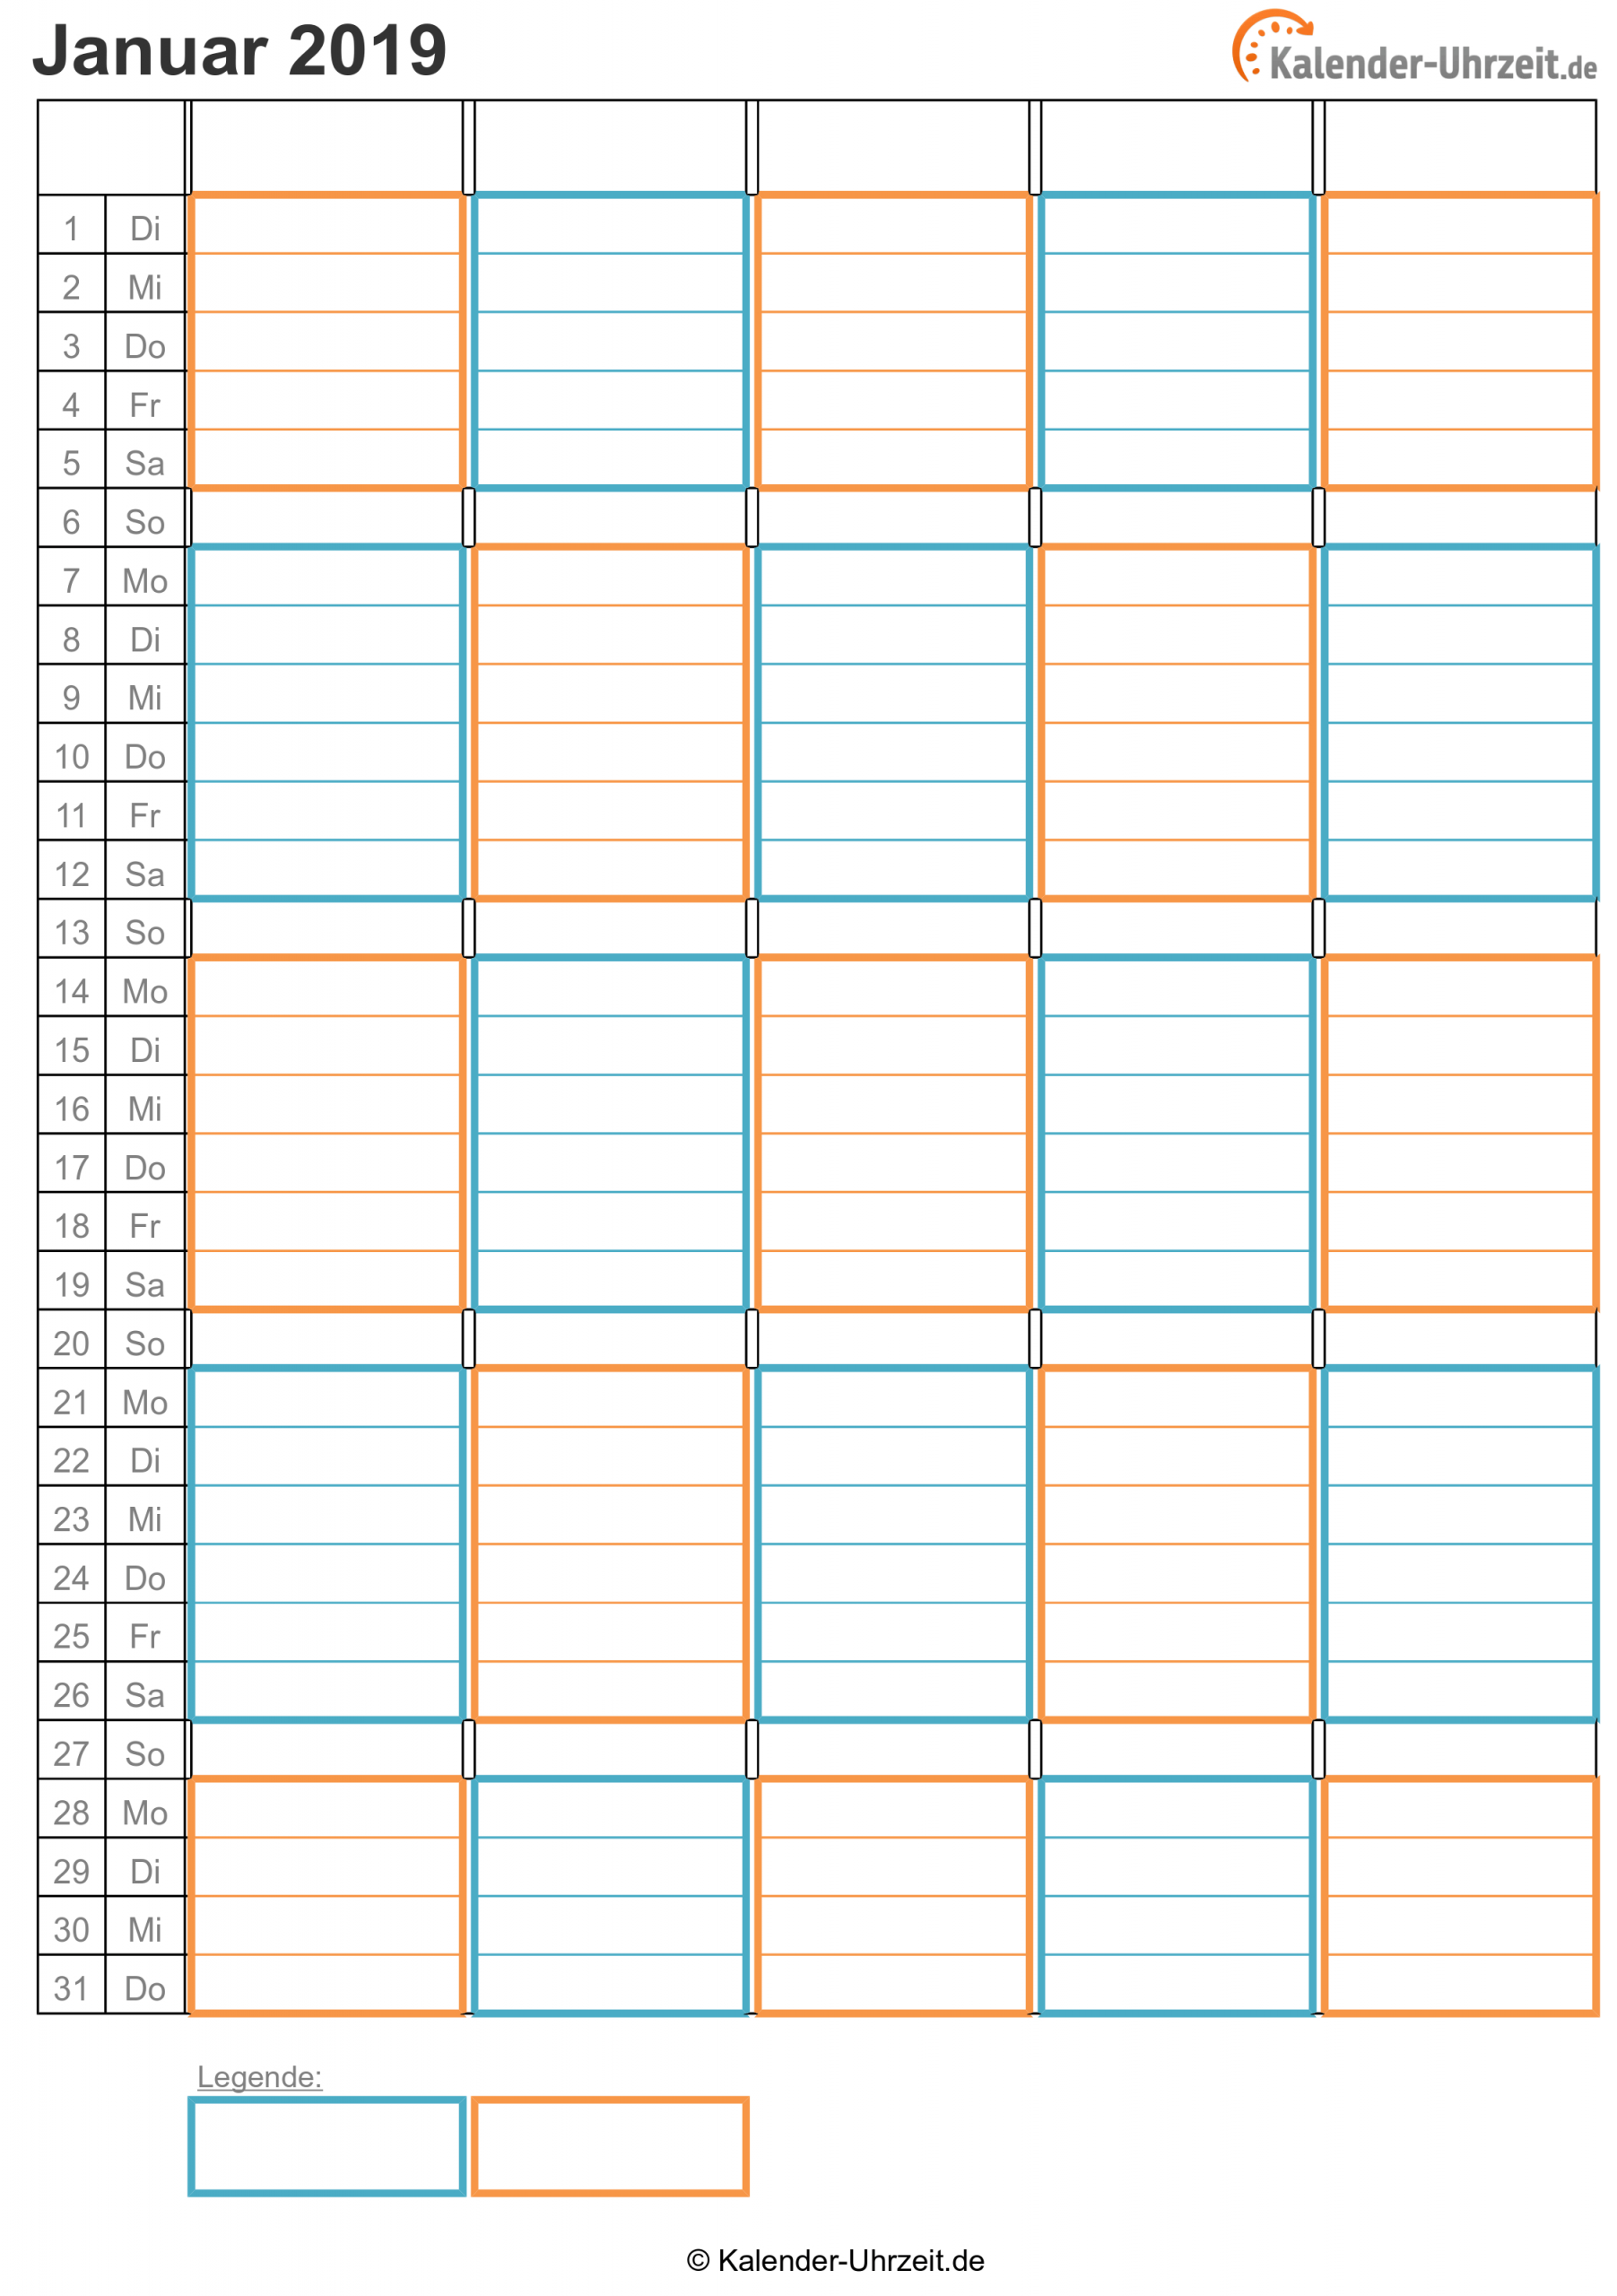 Kalender 2019 Zum Ausdrucken - Kostenlos bei Kostenlose Kalender Zum Ausdrucken